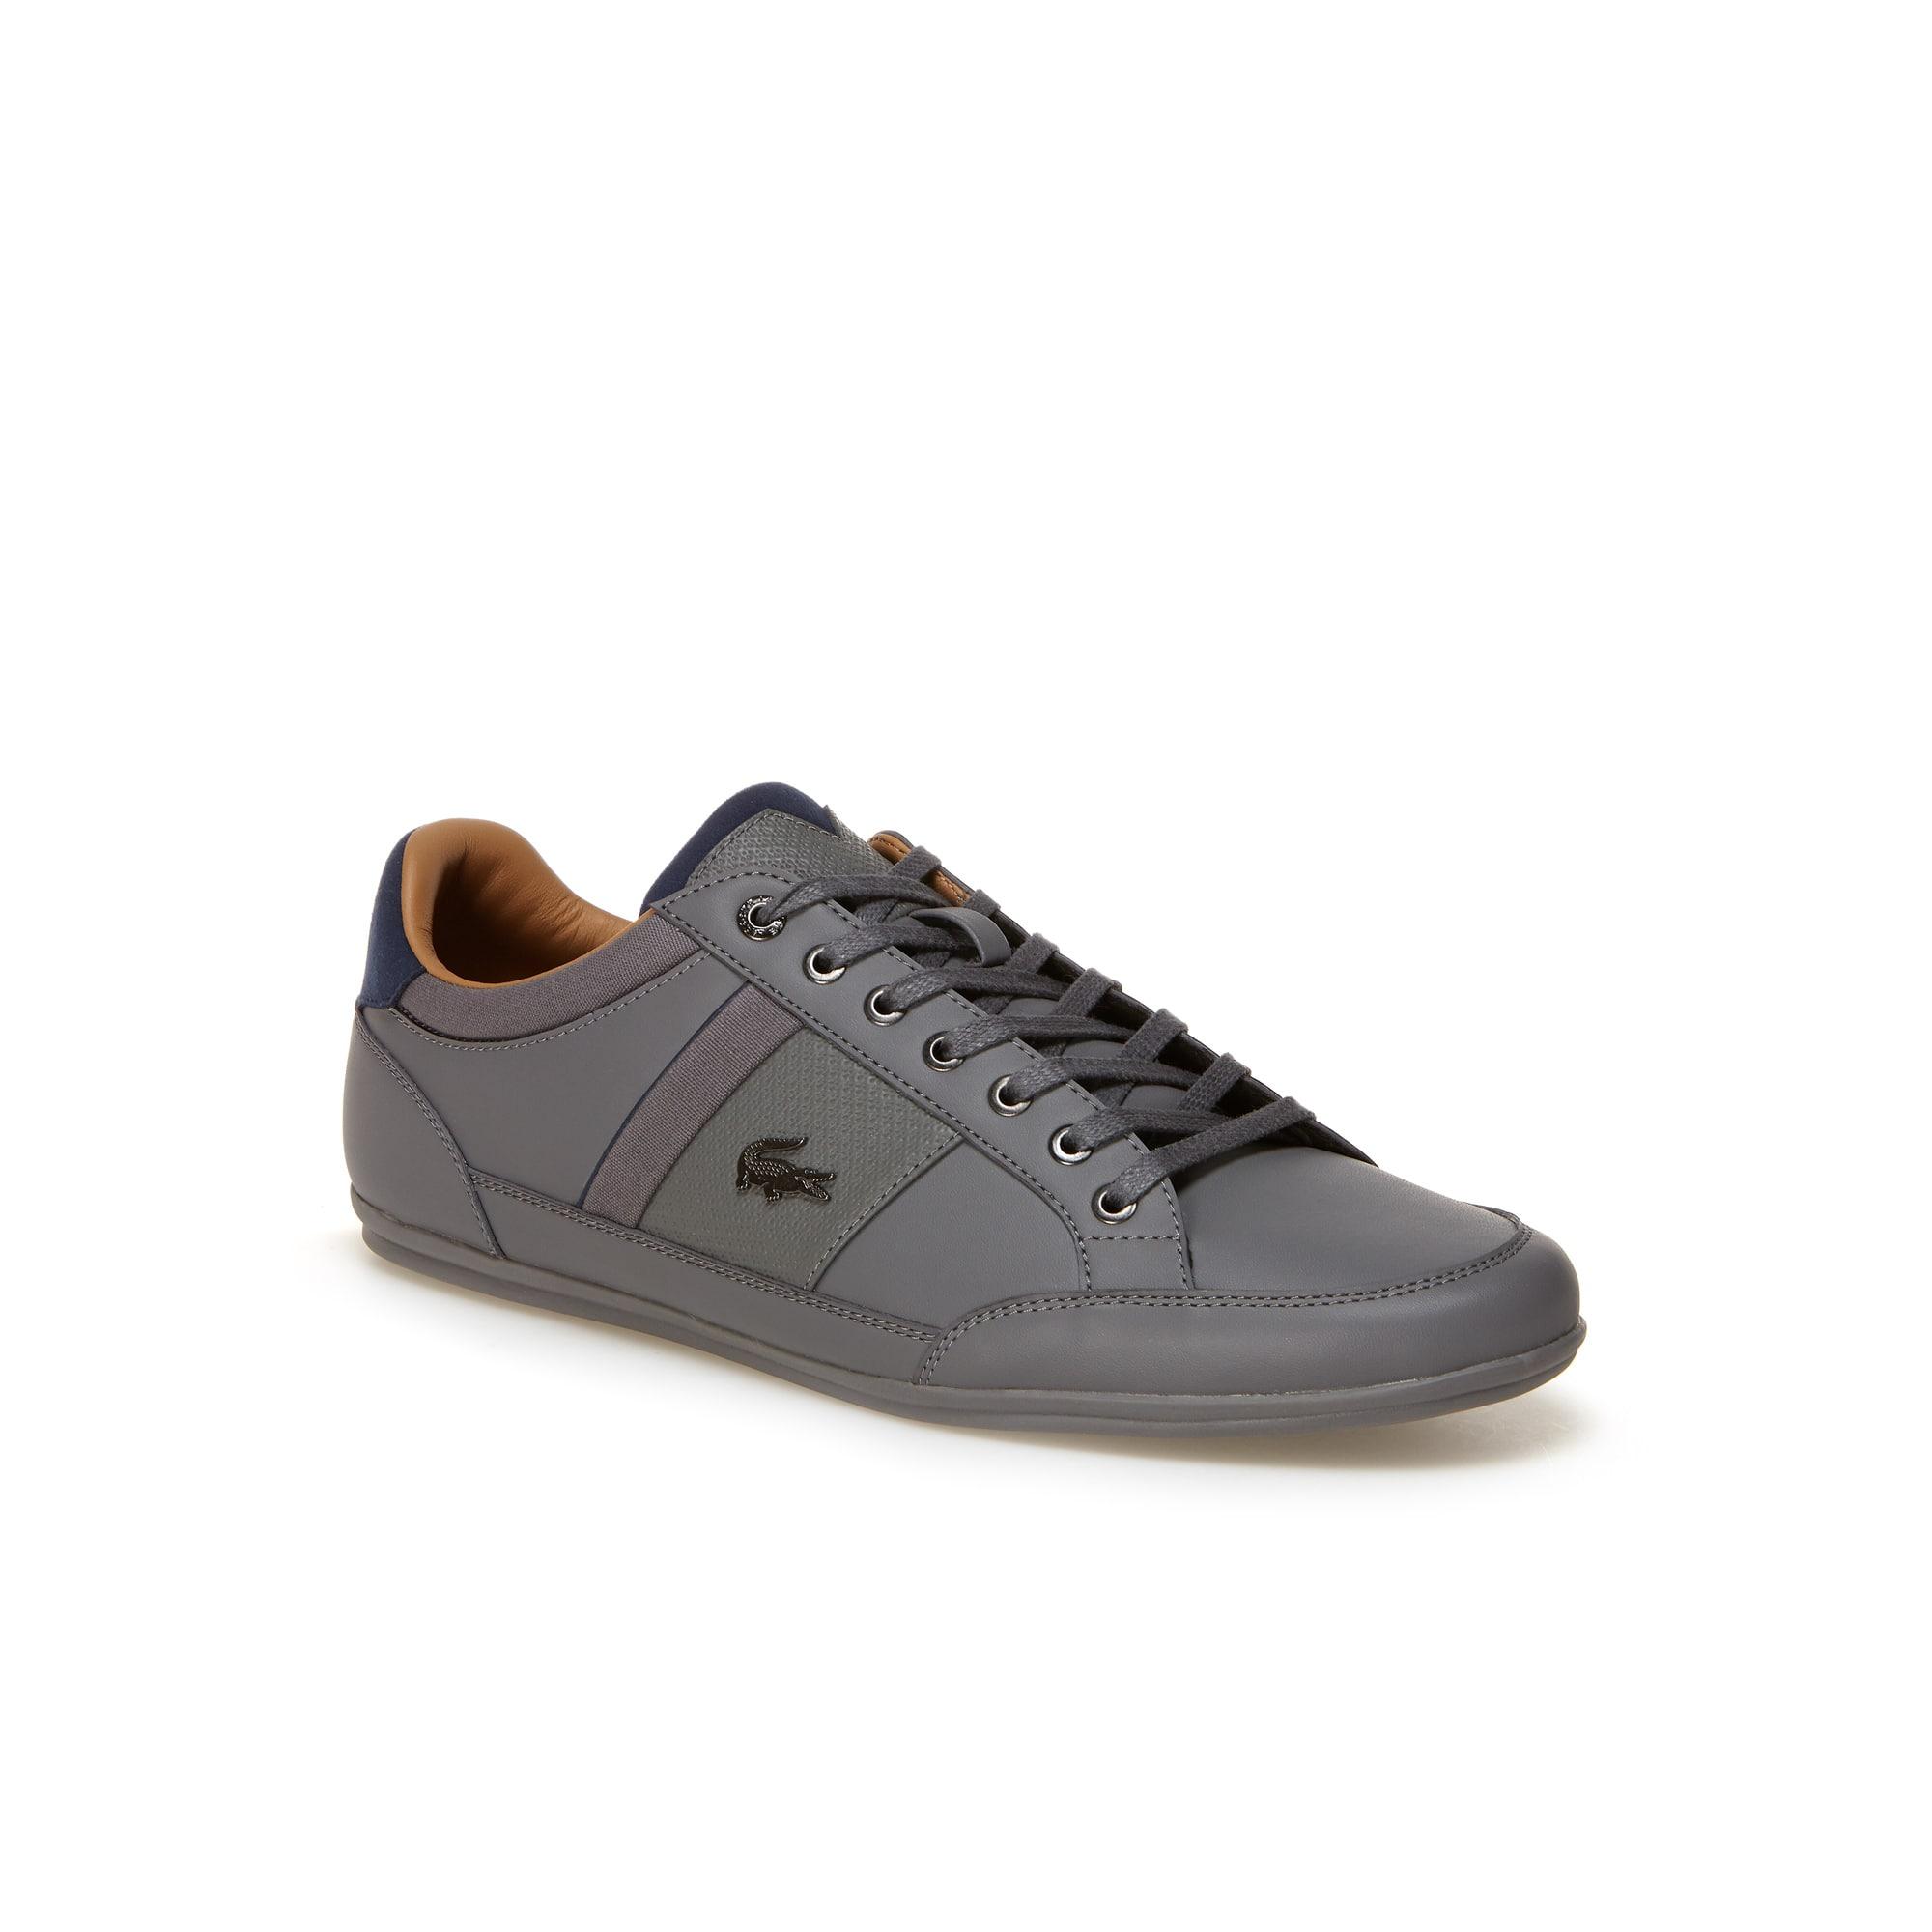 Herren-Sneakers CHAYMON aus Nappaleder, Veloursleder und Canvas